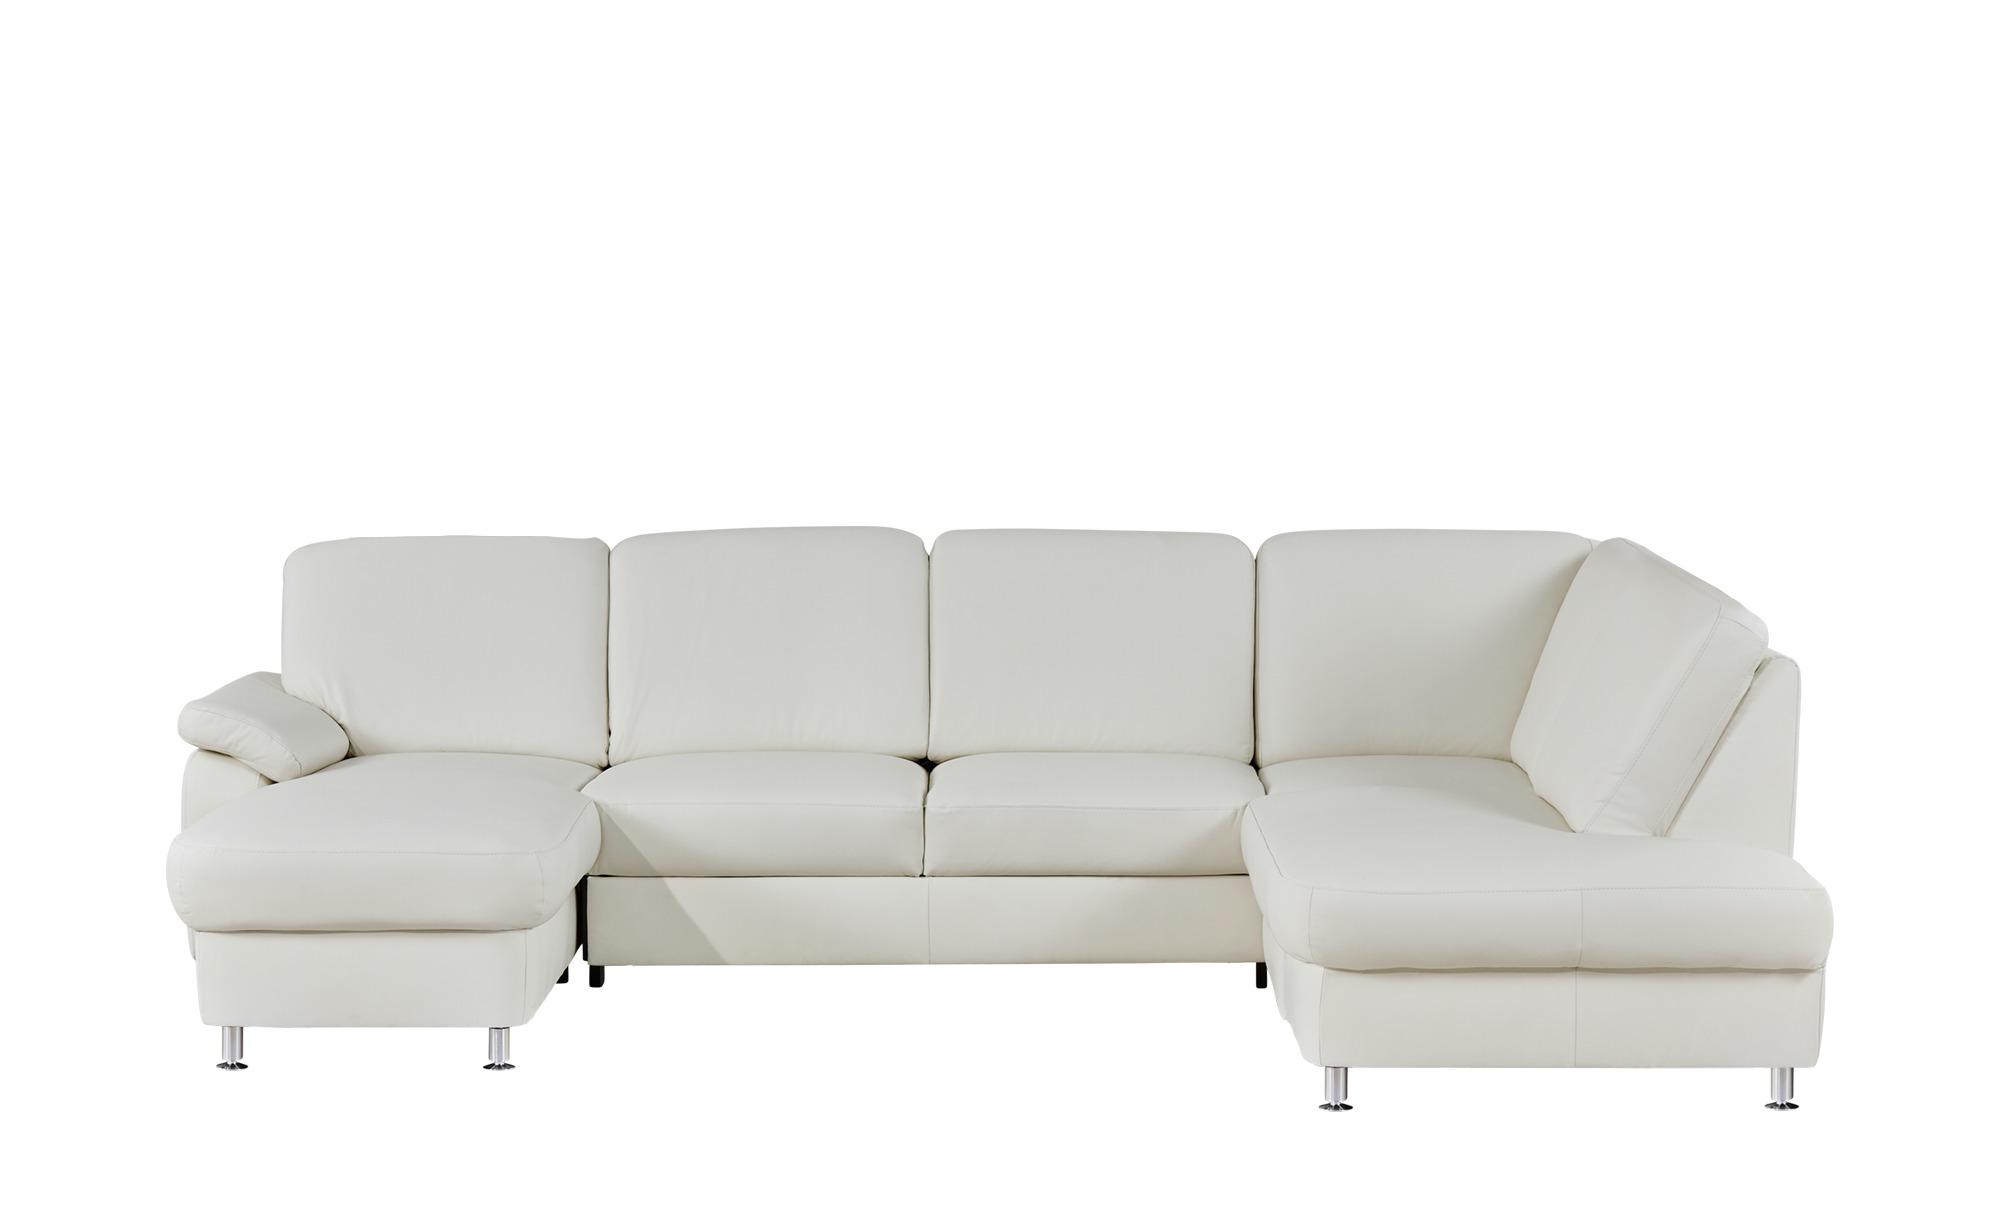 meinsofa wohnlandschaft aus leder moritz breite h he 85 cm wei online kaufen bei woonio. Black Bedroom Furniture Sets. Home Design Ideas